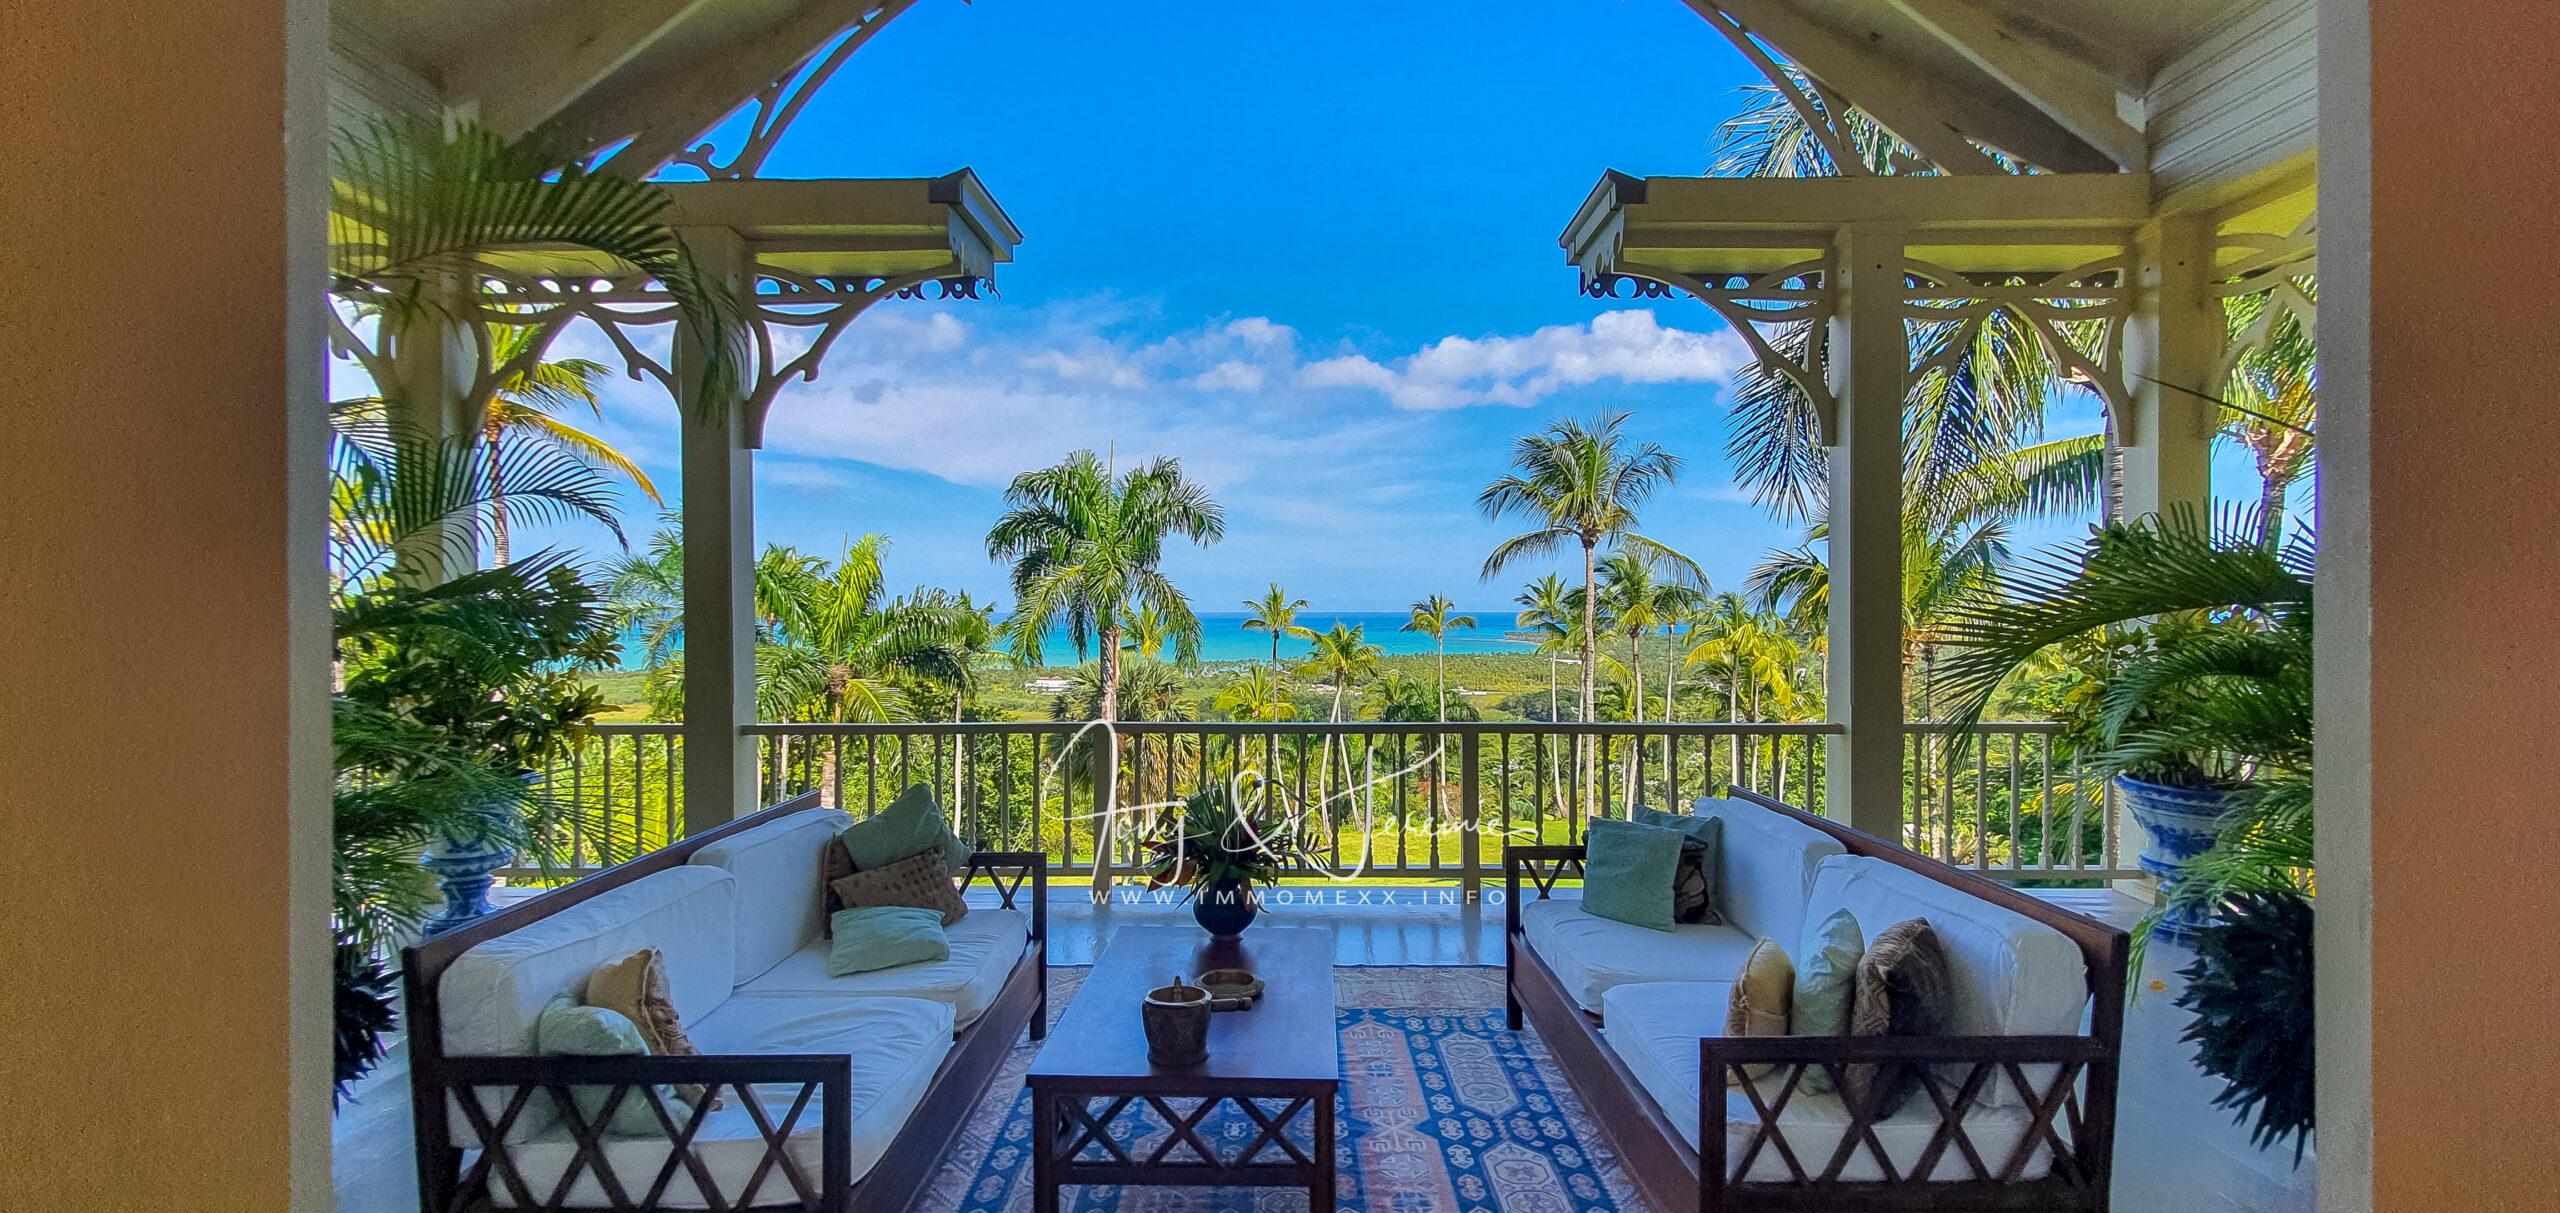 Отель Peninsula House в Доминикане вошел в ТОП-5 лучших отелей мира